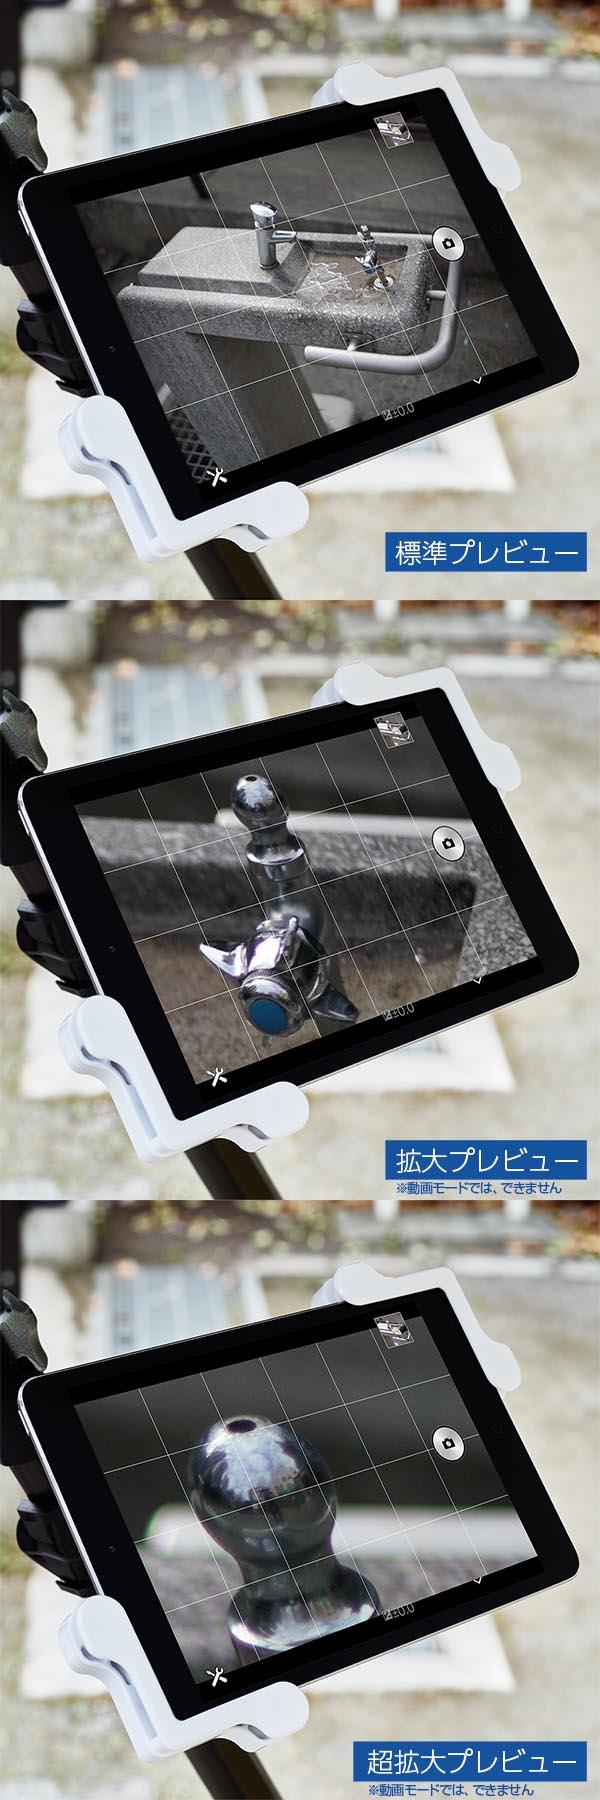 iPad00